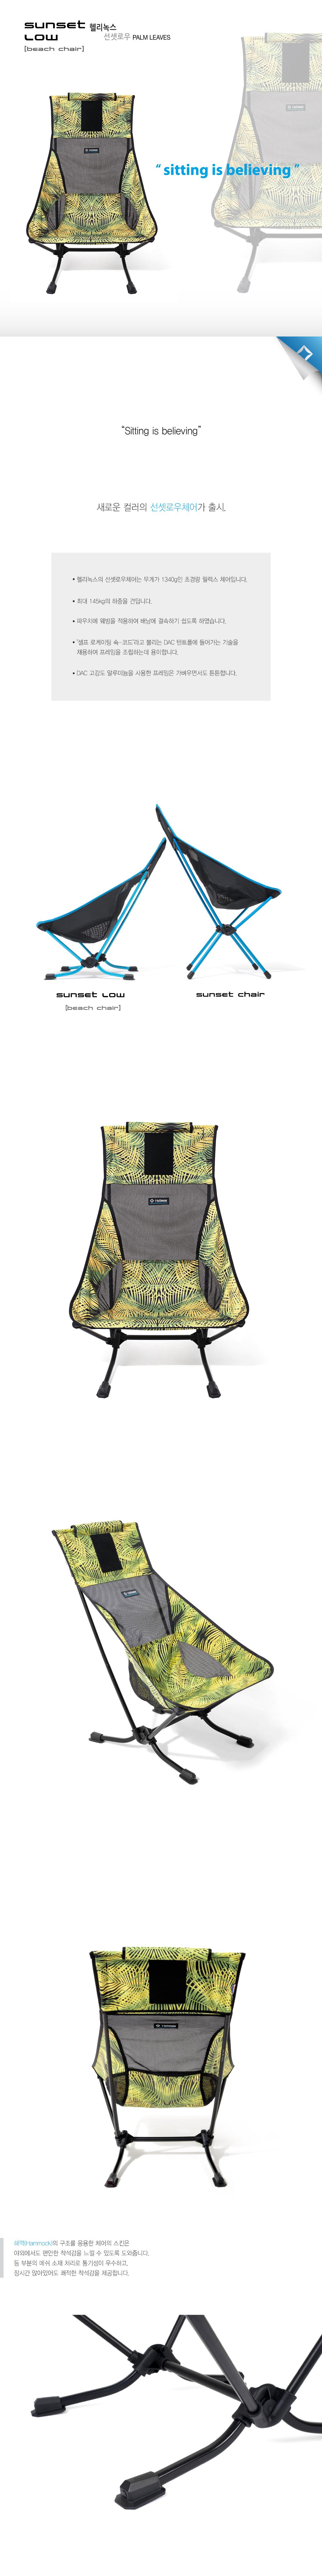 20150720-Helinox_beach-chair_상품페이지_팜-리브스.jpg